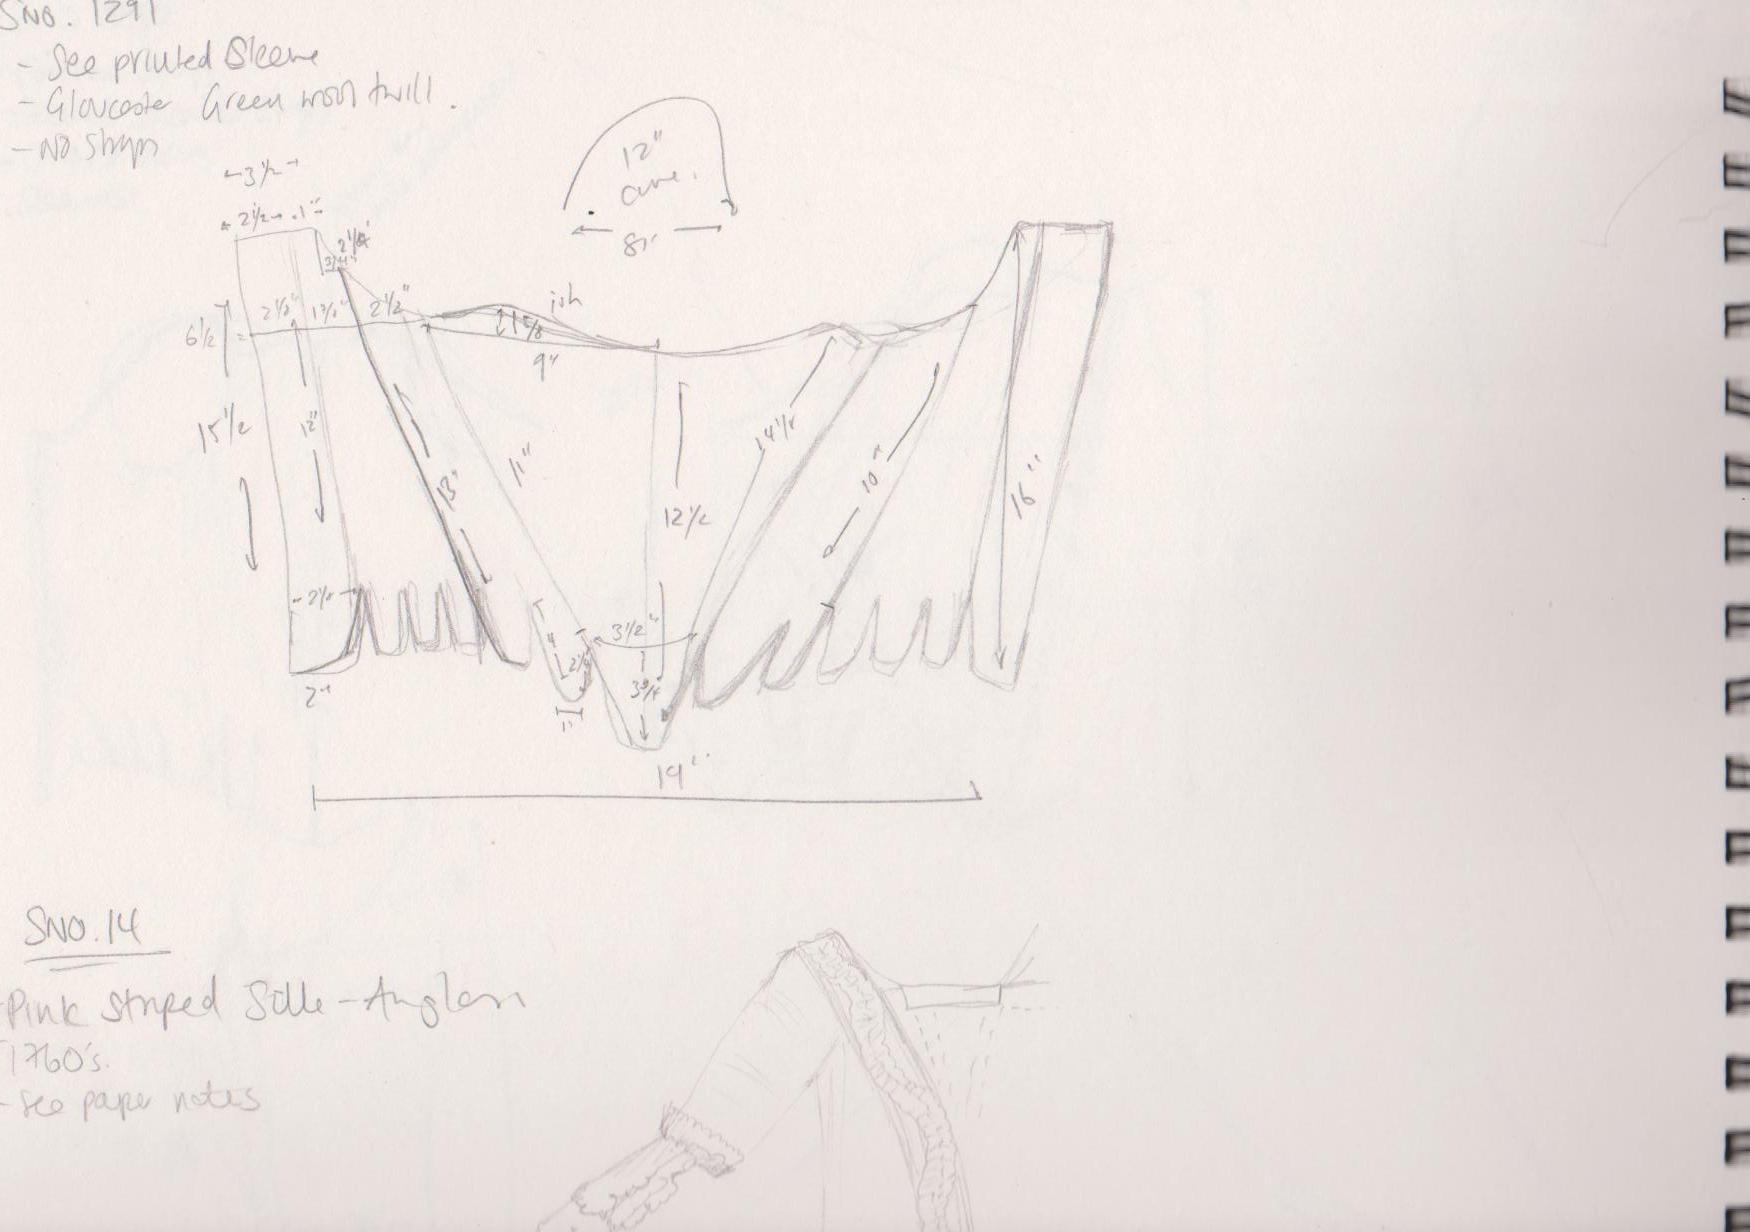 SNO.1291 - HandBound Research Sketch